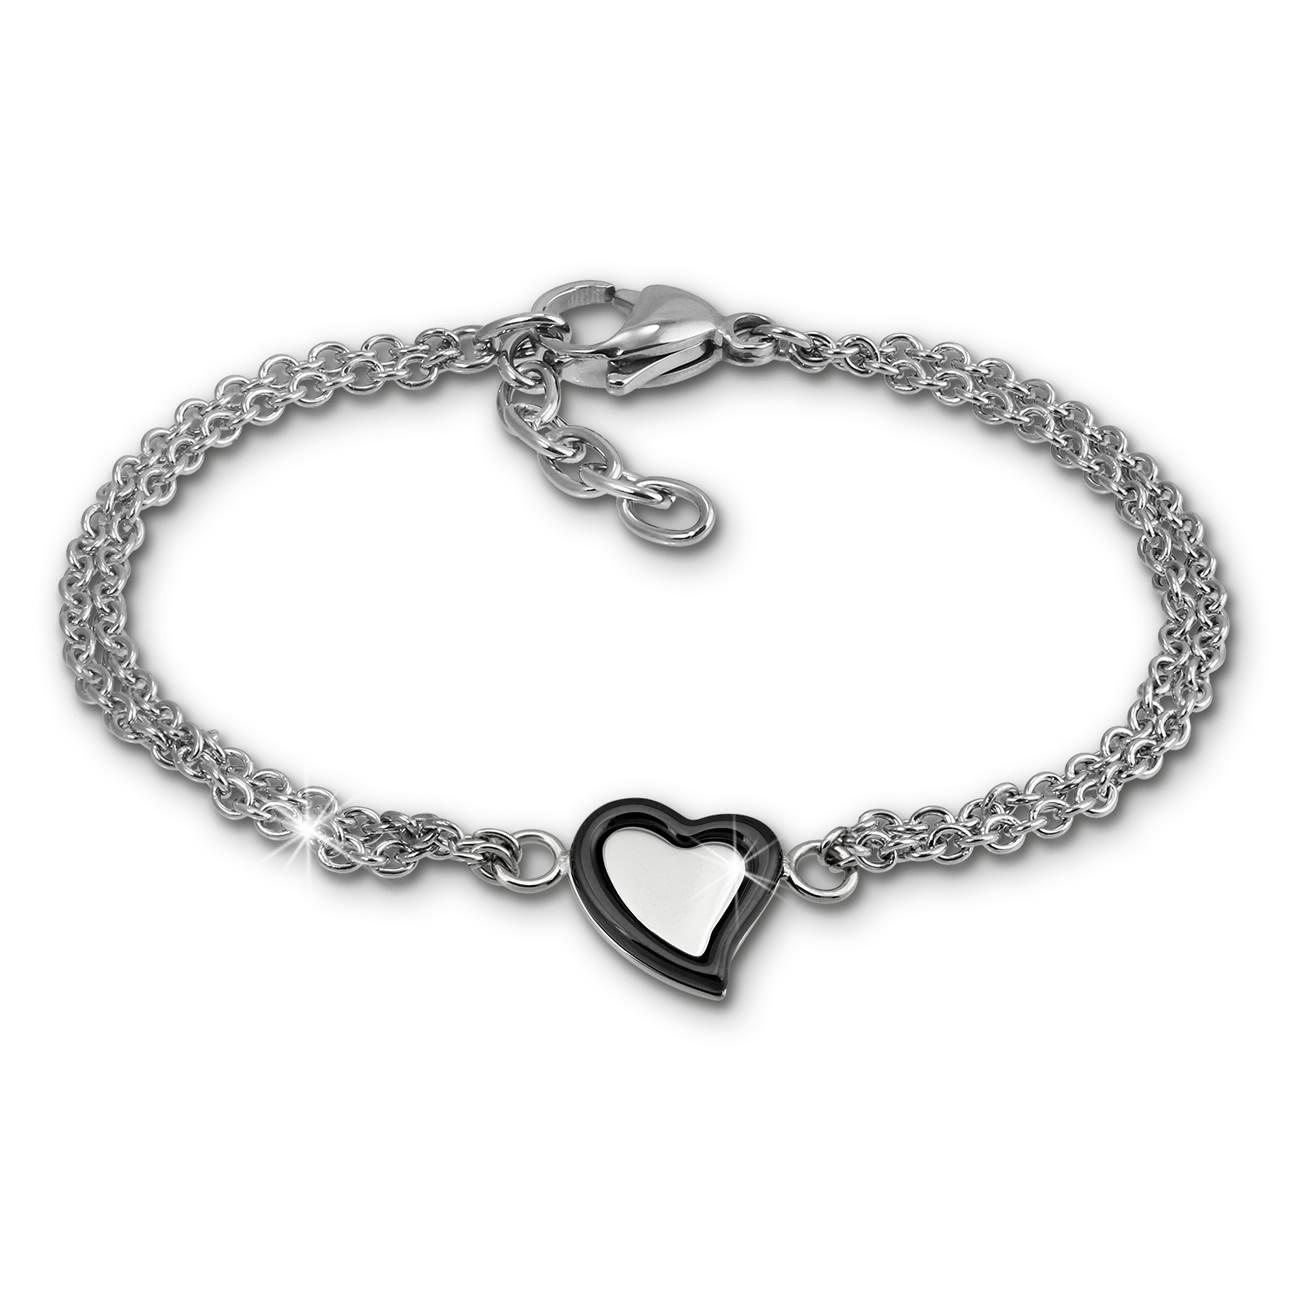 Amello Armband Keramik Herz schwarz Damen Edelstahlschmuck ESAX33S8